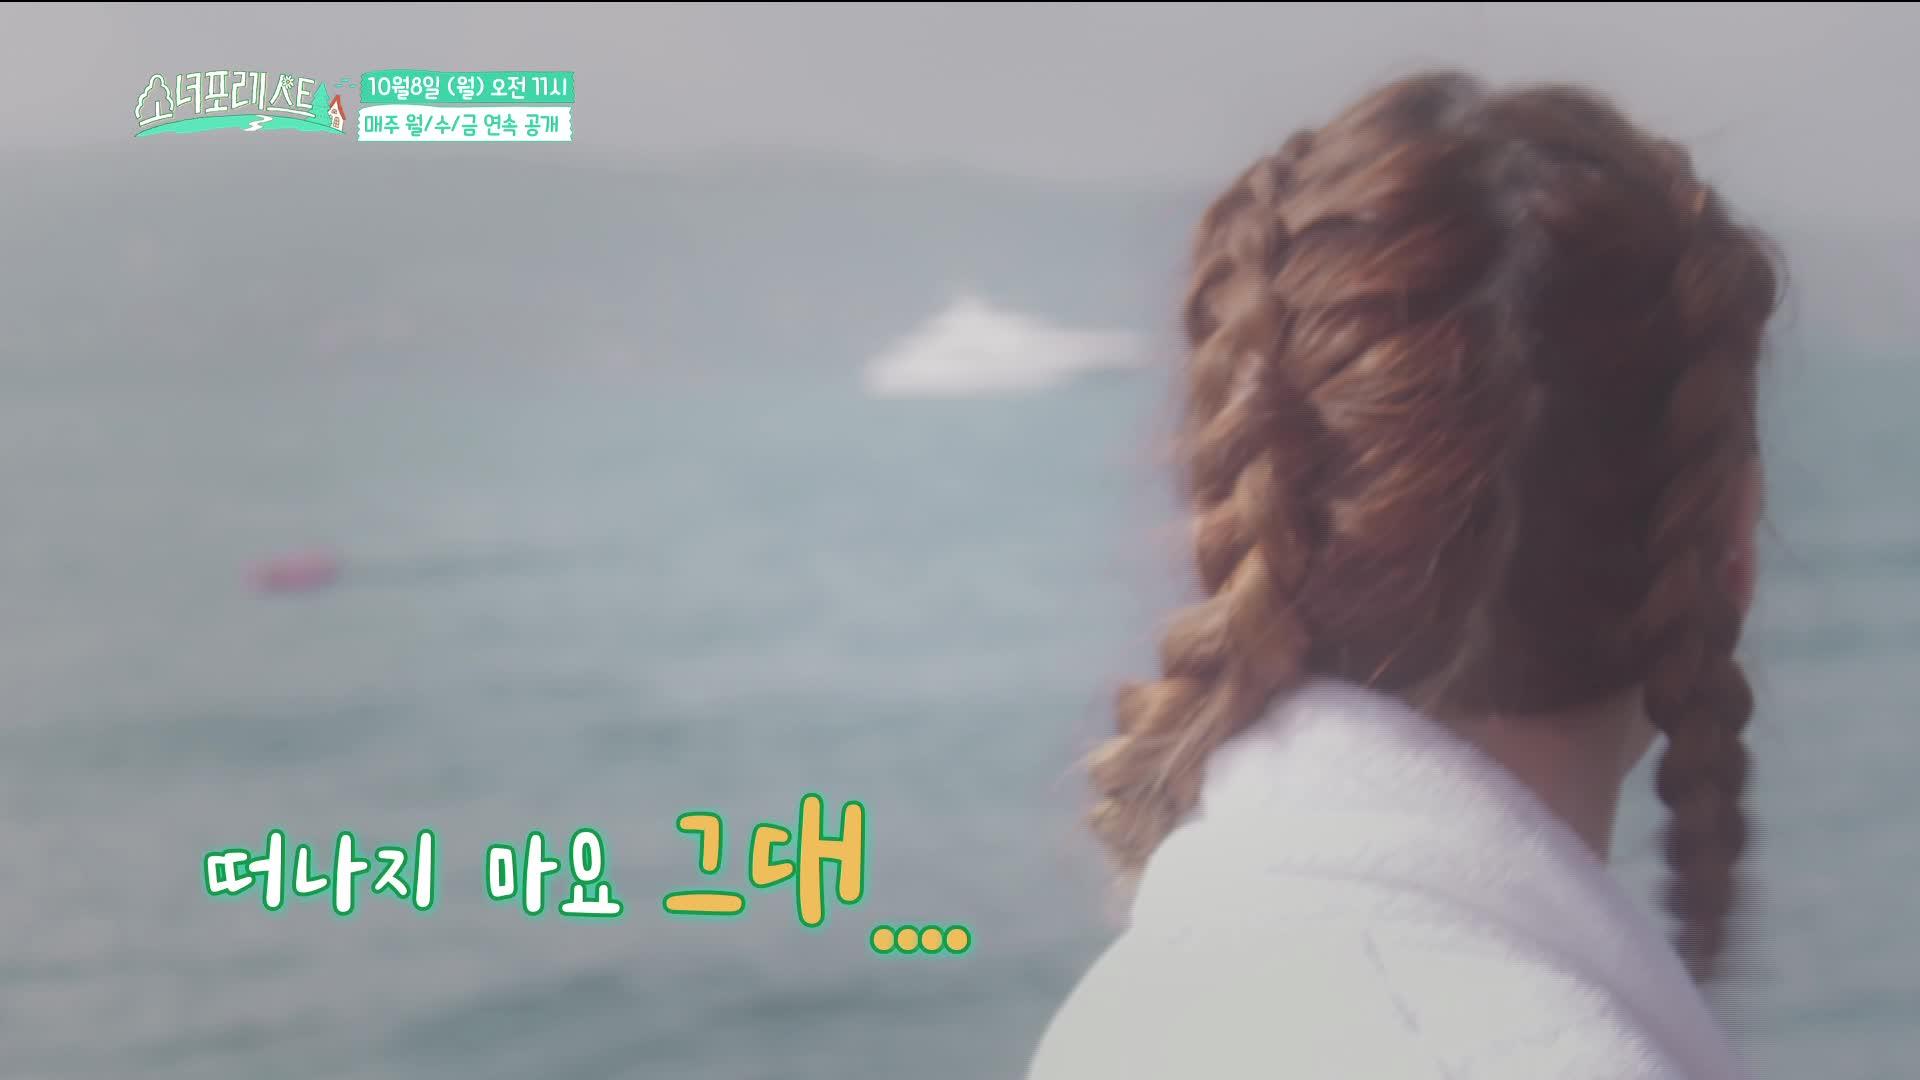 [소녀포레스트ㅣGIRLS FOR REST]Preview05. 김태연, 사랑할거야?